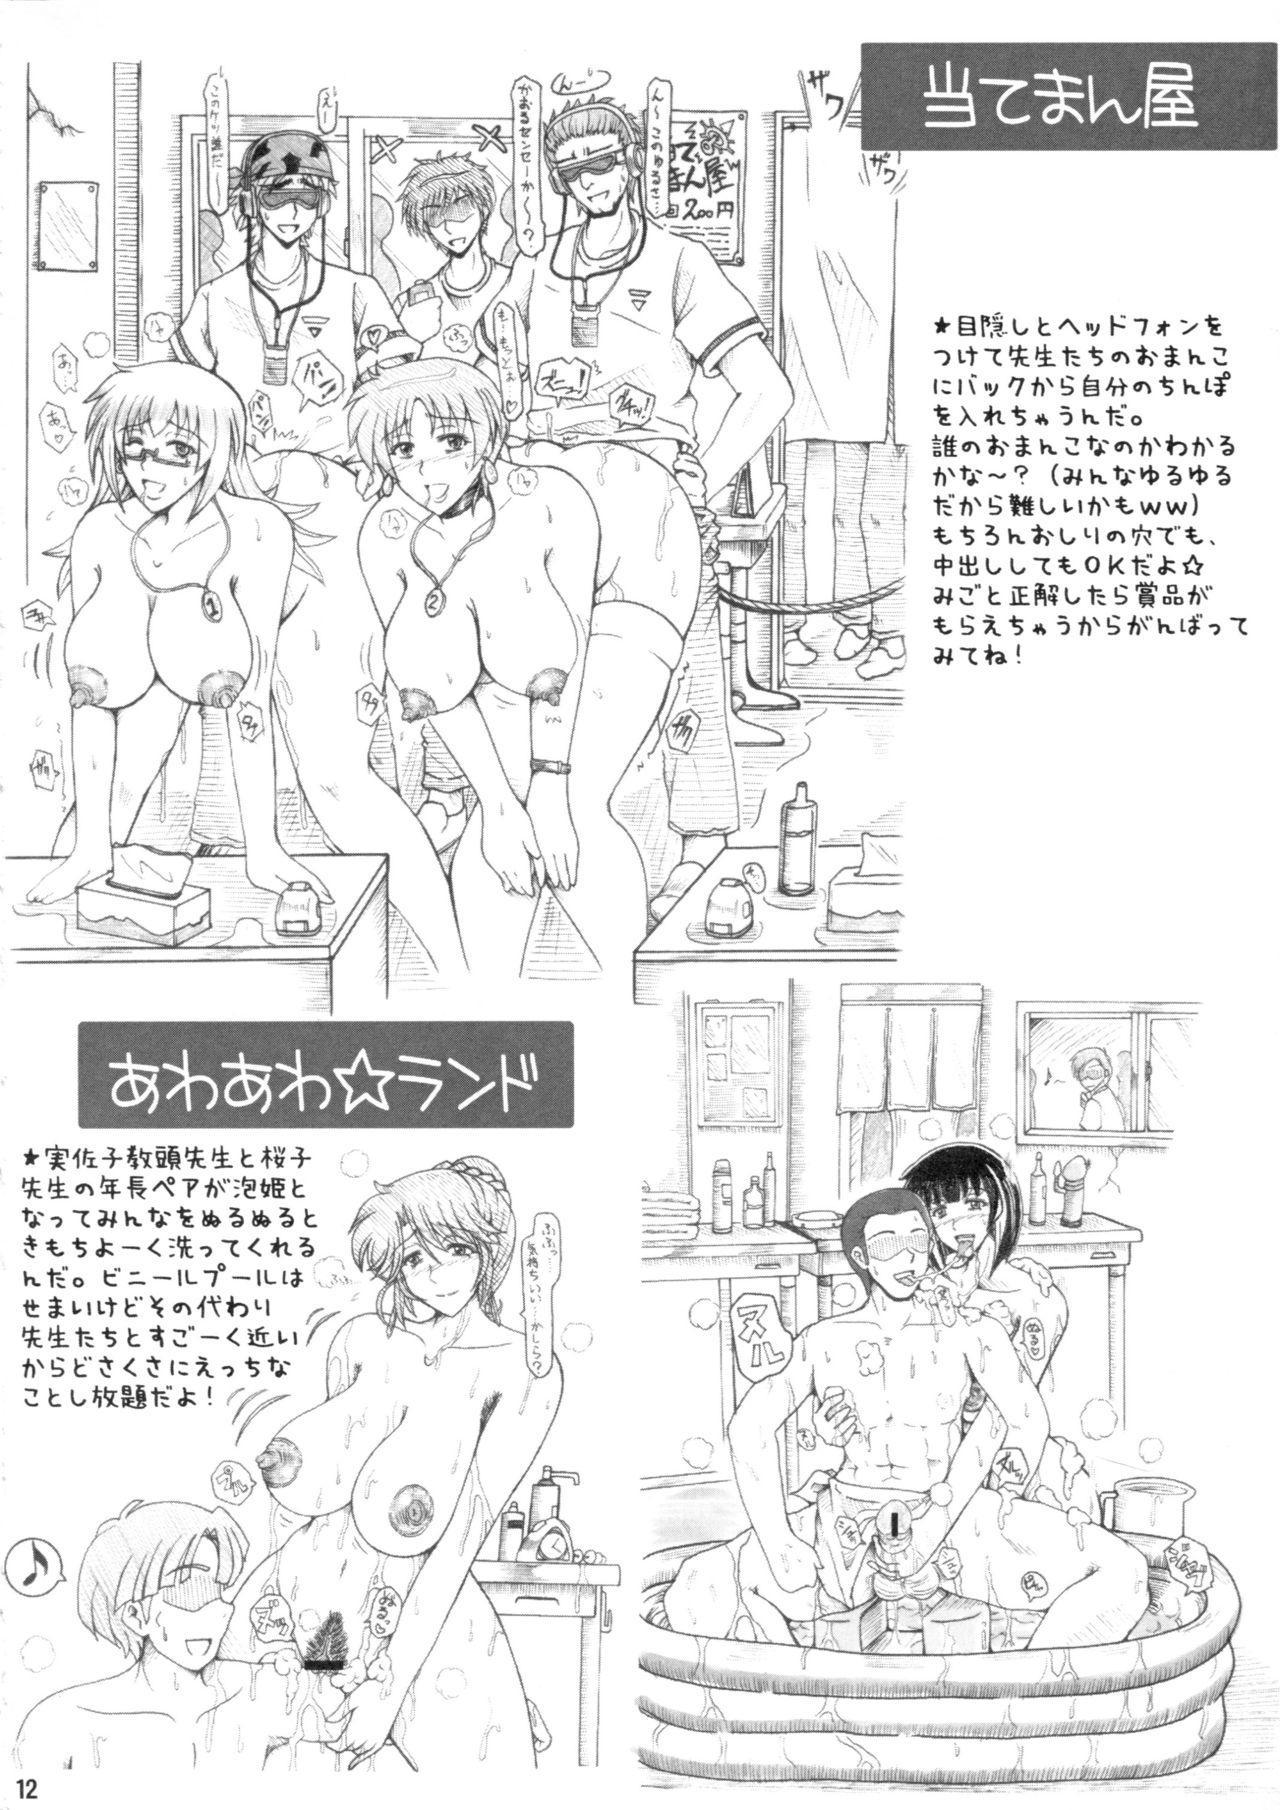 Onna Kyoushi-gun Ryoujoku Enchitai III season 10